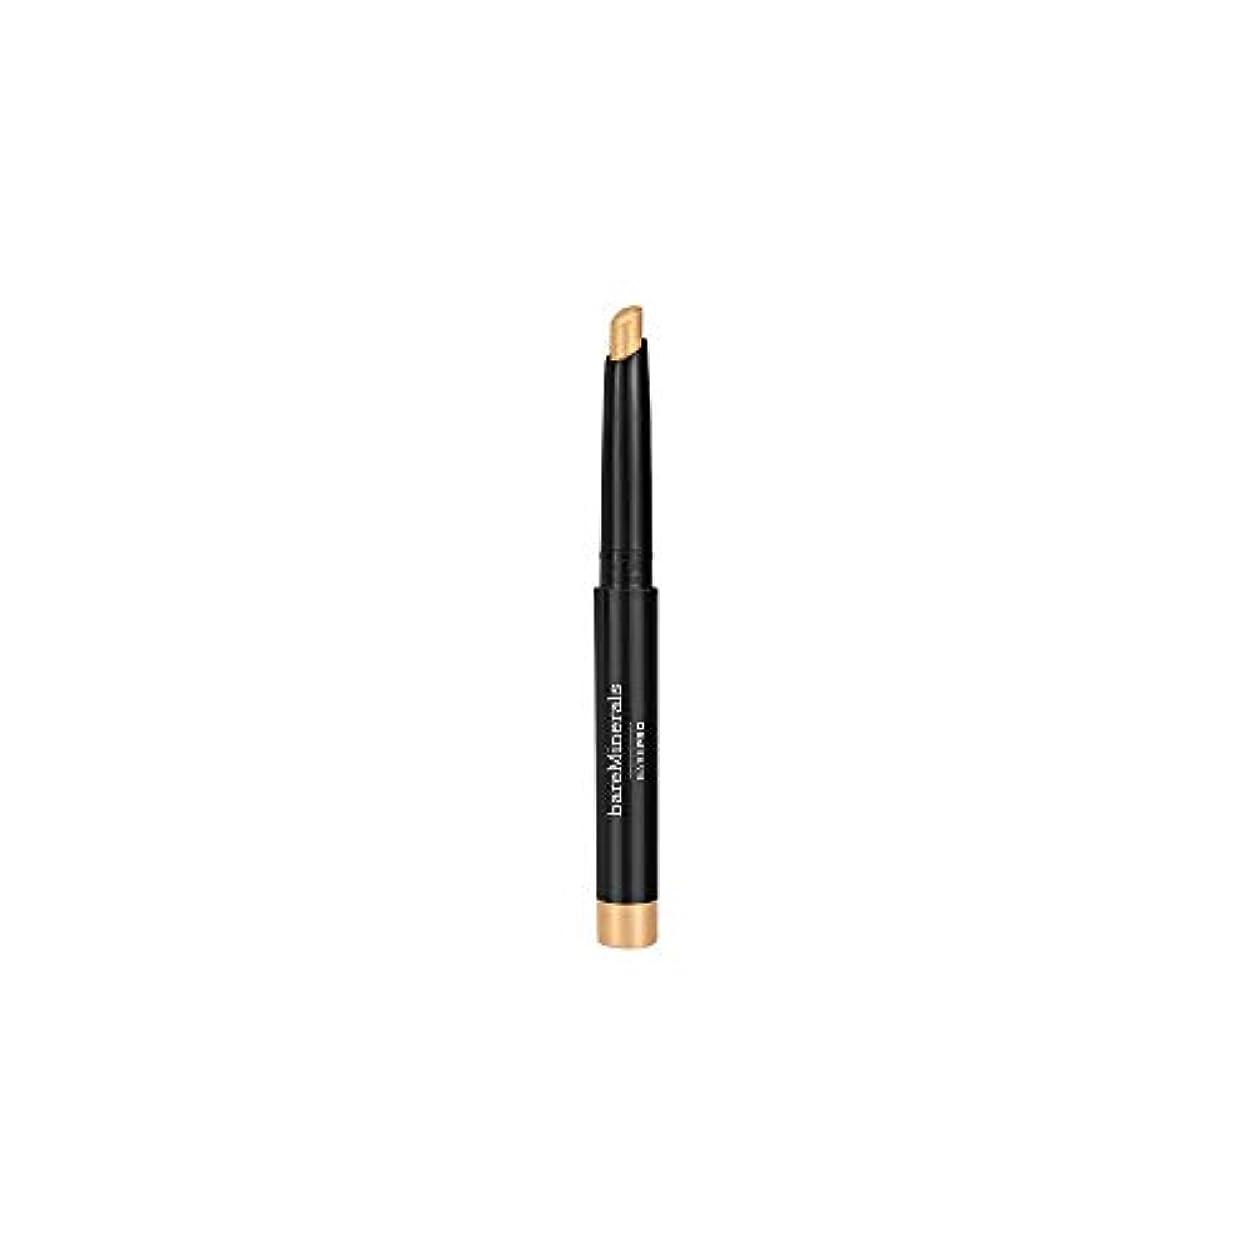 塩辛い唯物論カレンダー[bareMinerals] ベアミネラルBarepro Longwearのアイシャドウスティック1.6グラム金色日 - bareMinerals BarePro Longwear Eyeshadow Stick 1.6g...